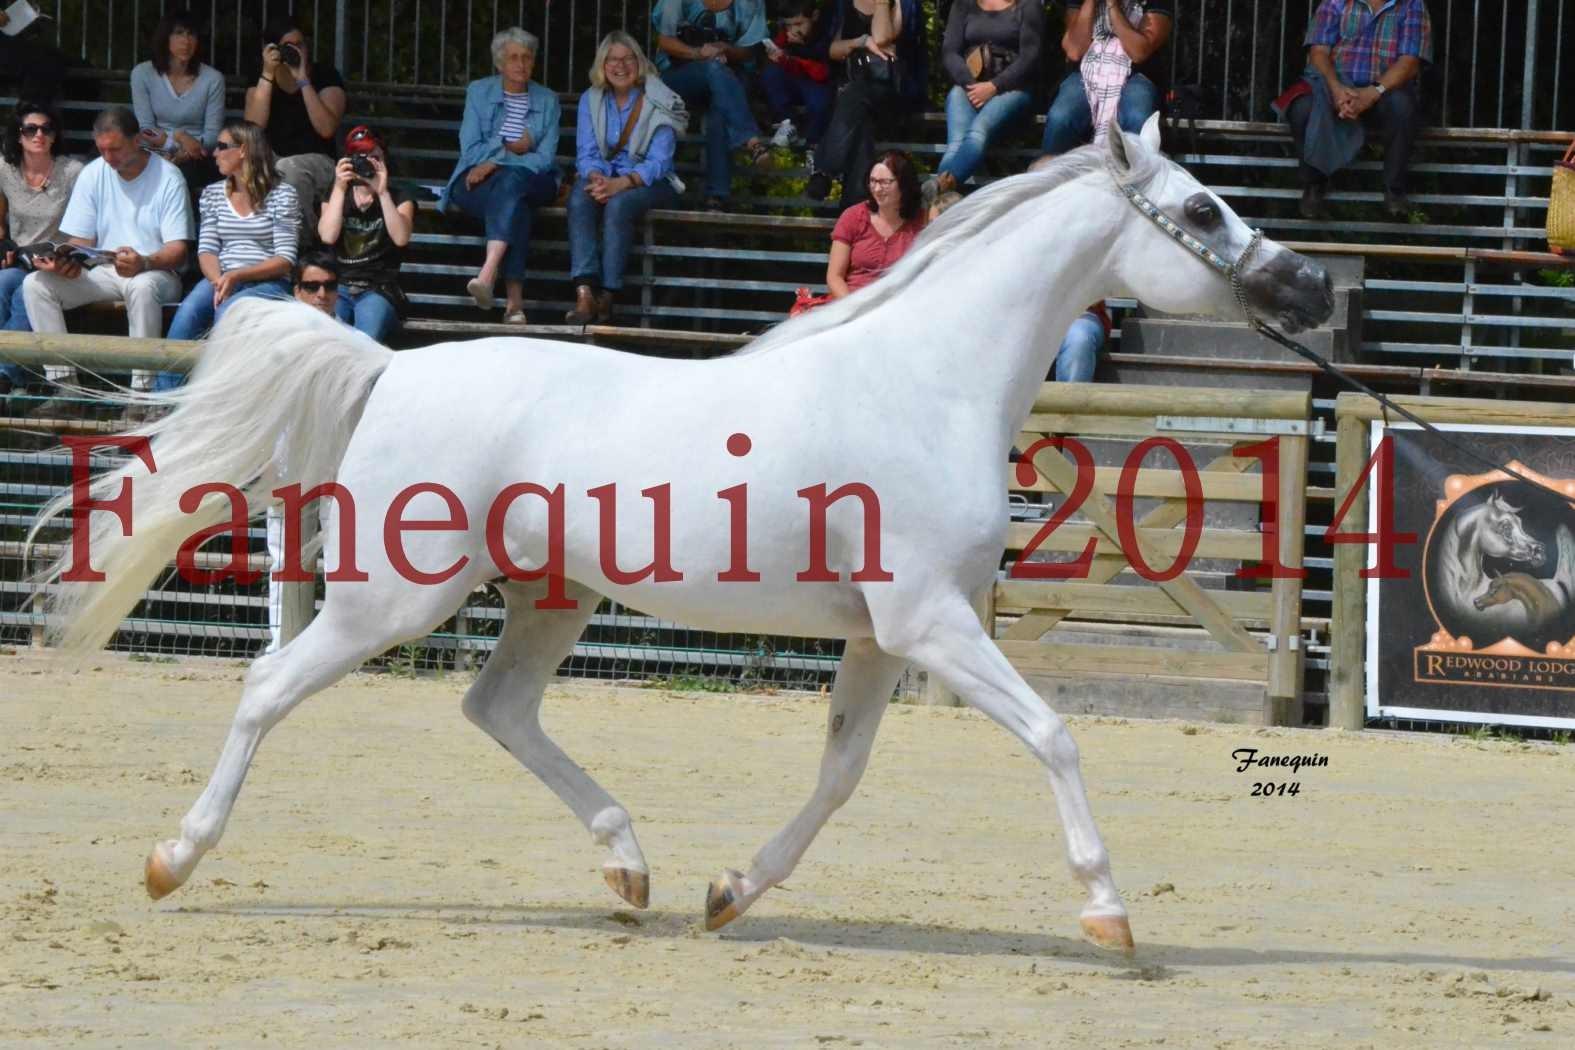 CHAMPIONNAT DE FRANCE 2014 A POMPADOUR - Notre Sélection - BLEUENN MILIN AVEL - 10